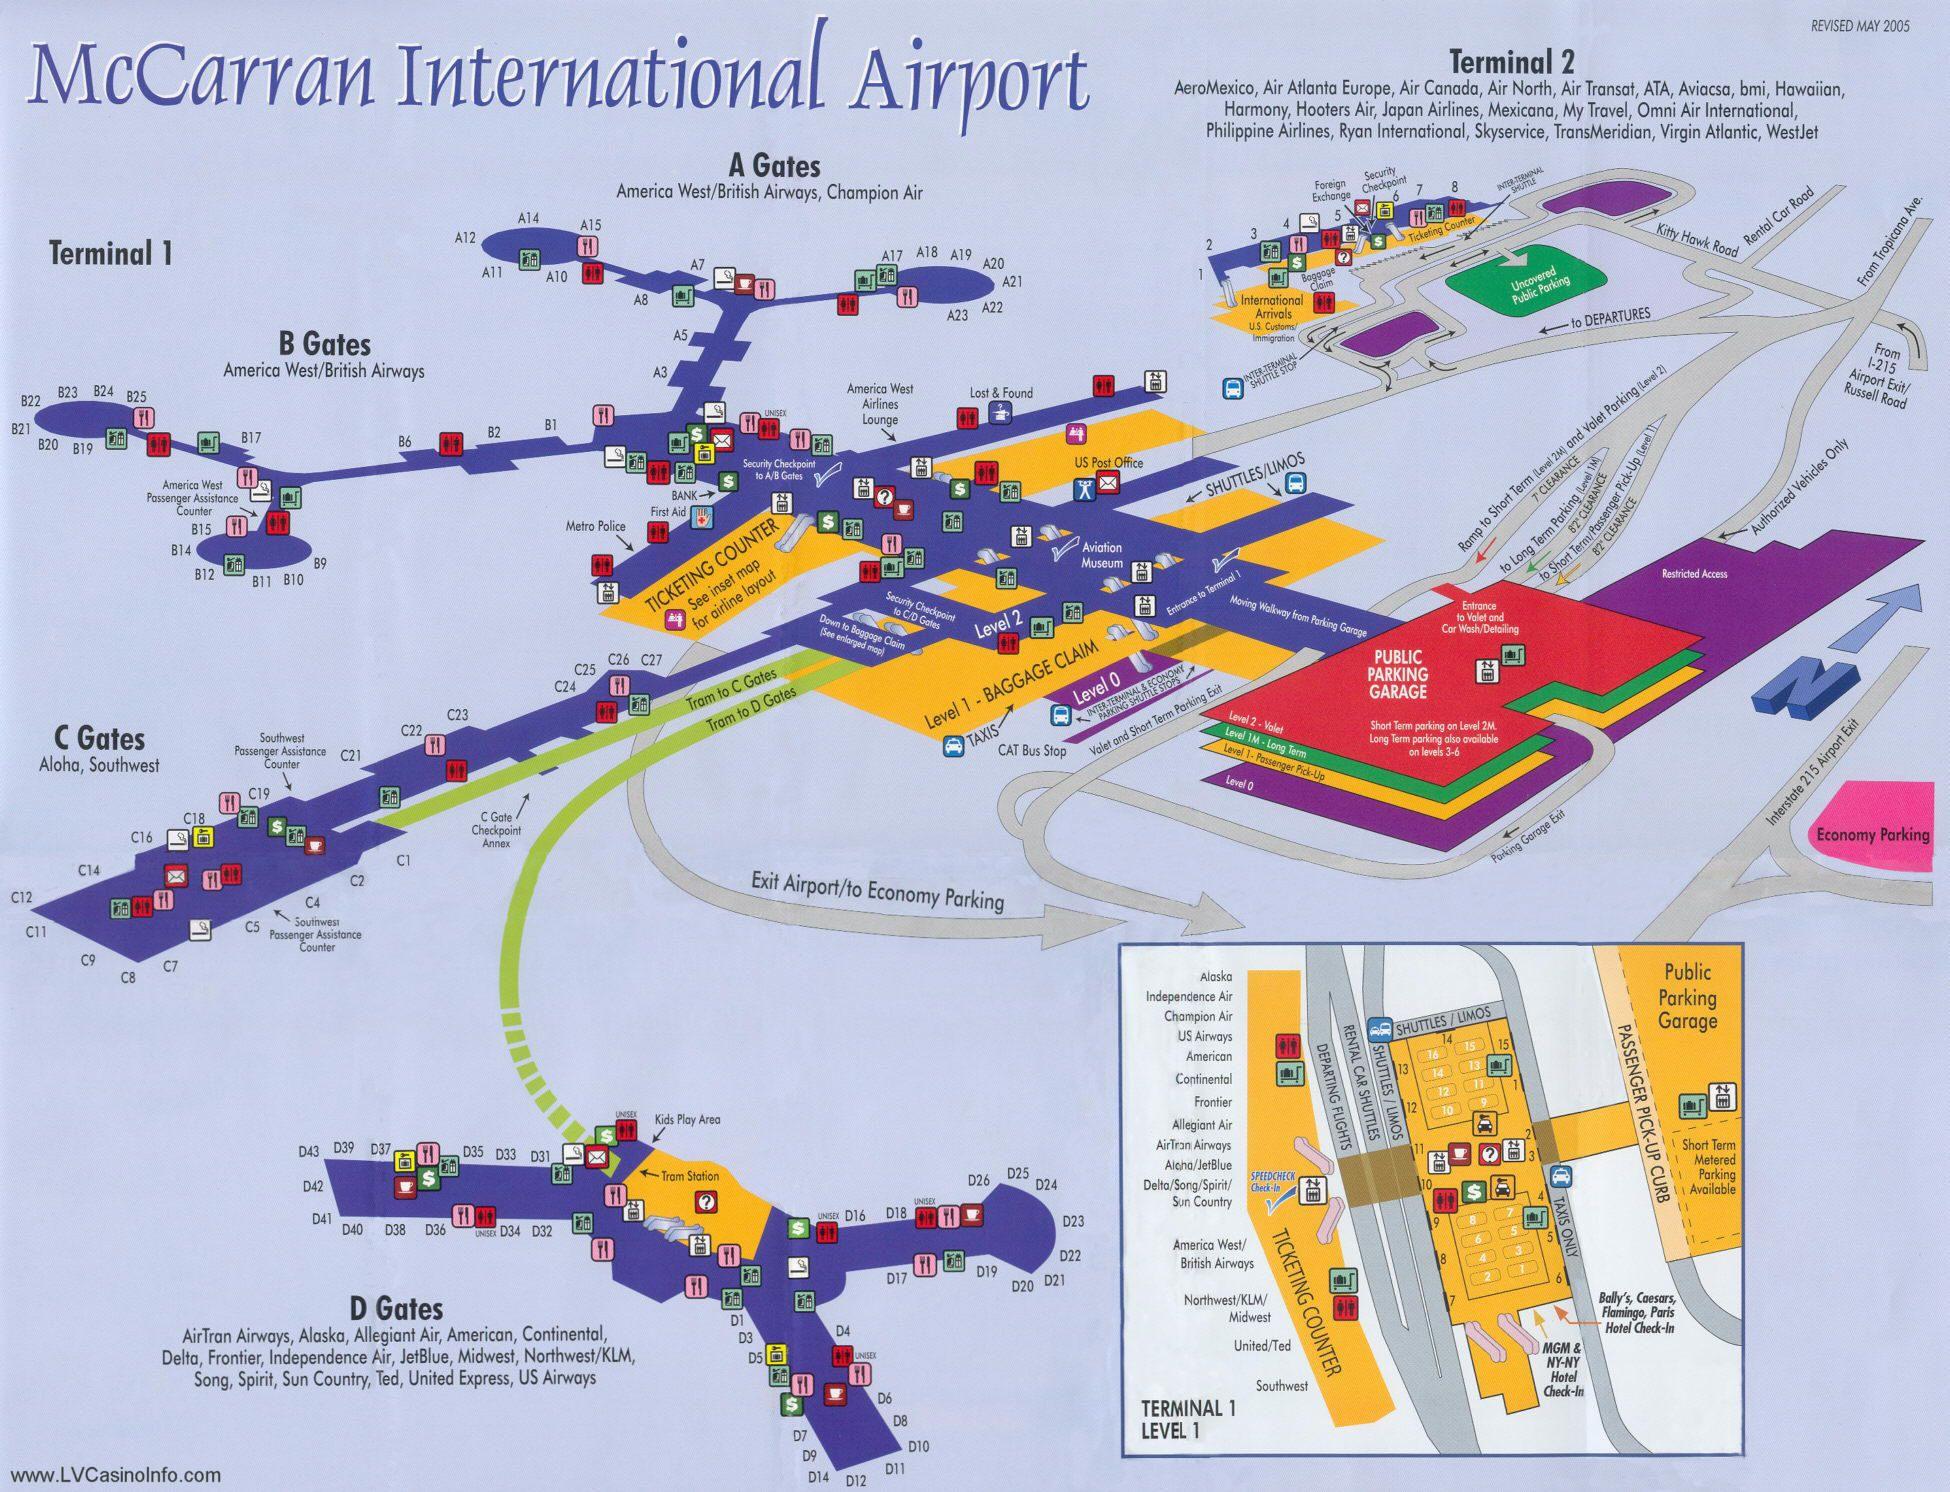 Mccarran International Airport Map Mapa del Aeropuerto Internacional McCarran de Las Vegas | Las